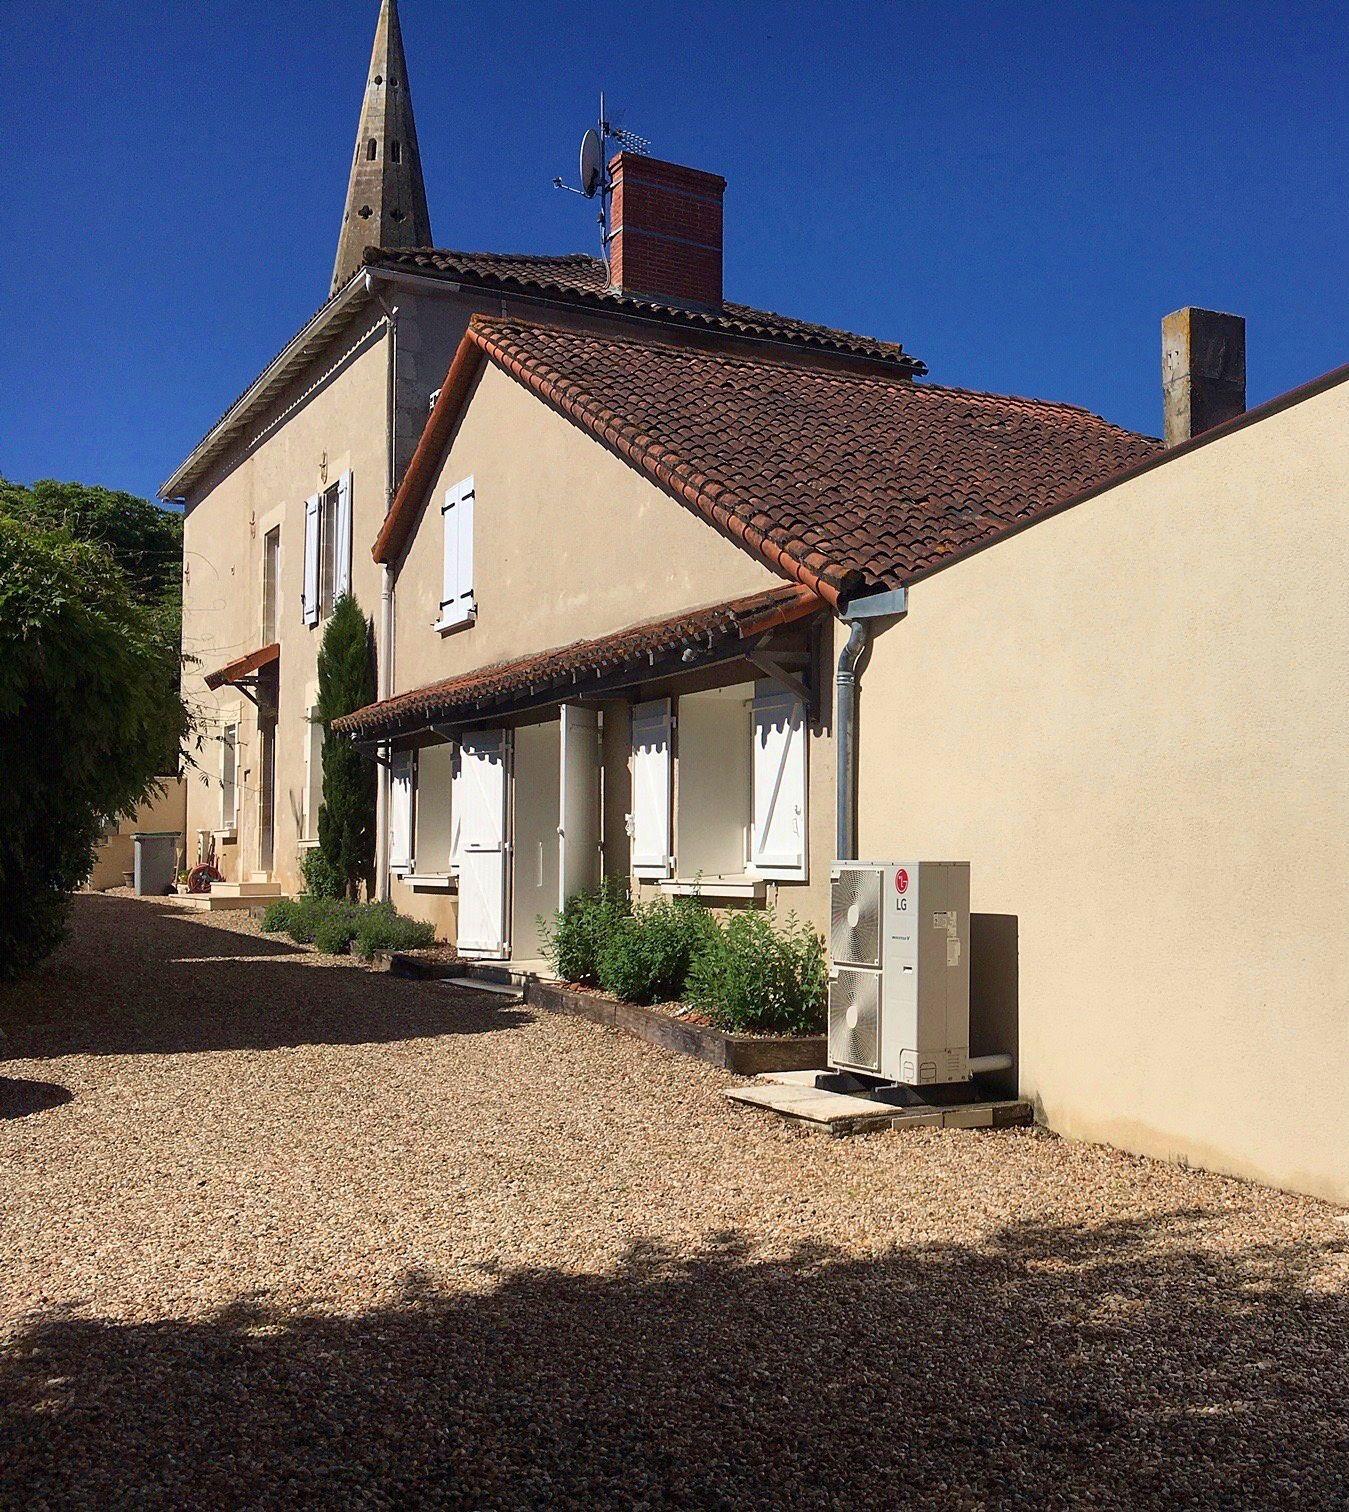 Vends Maison de Charme 275m², 4chambres, Moulismes (86)